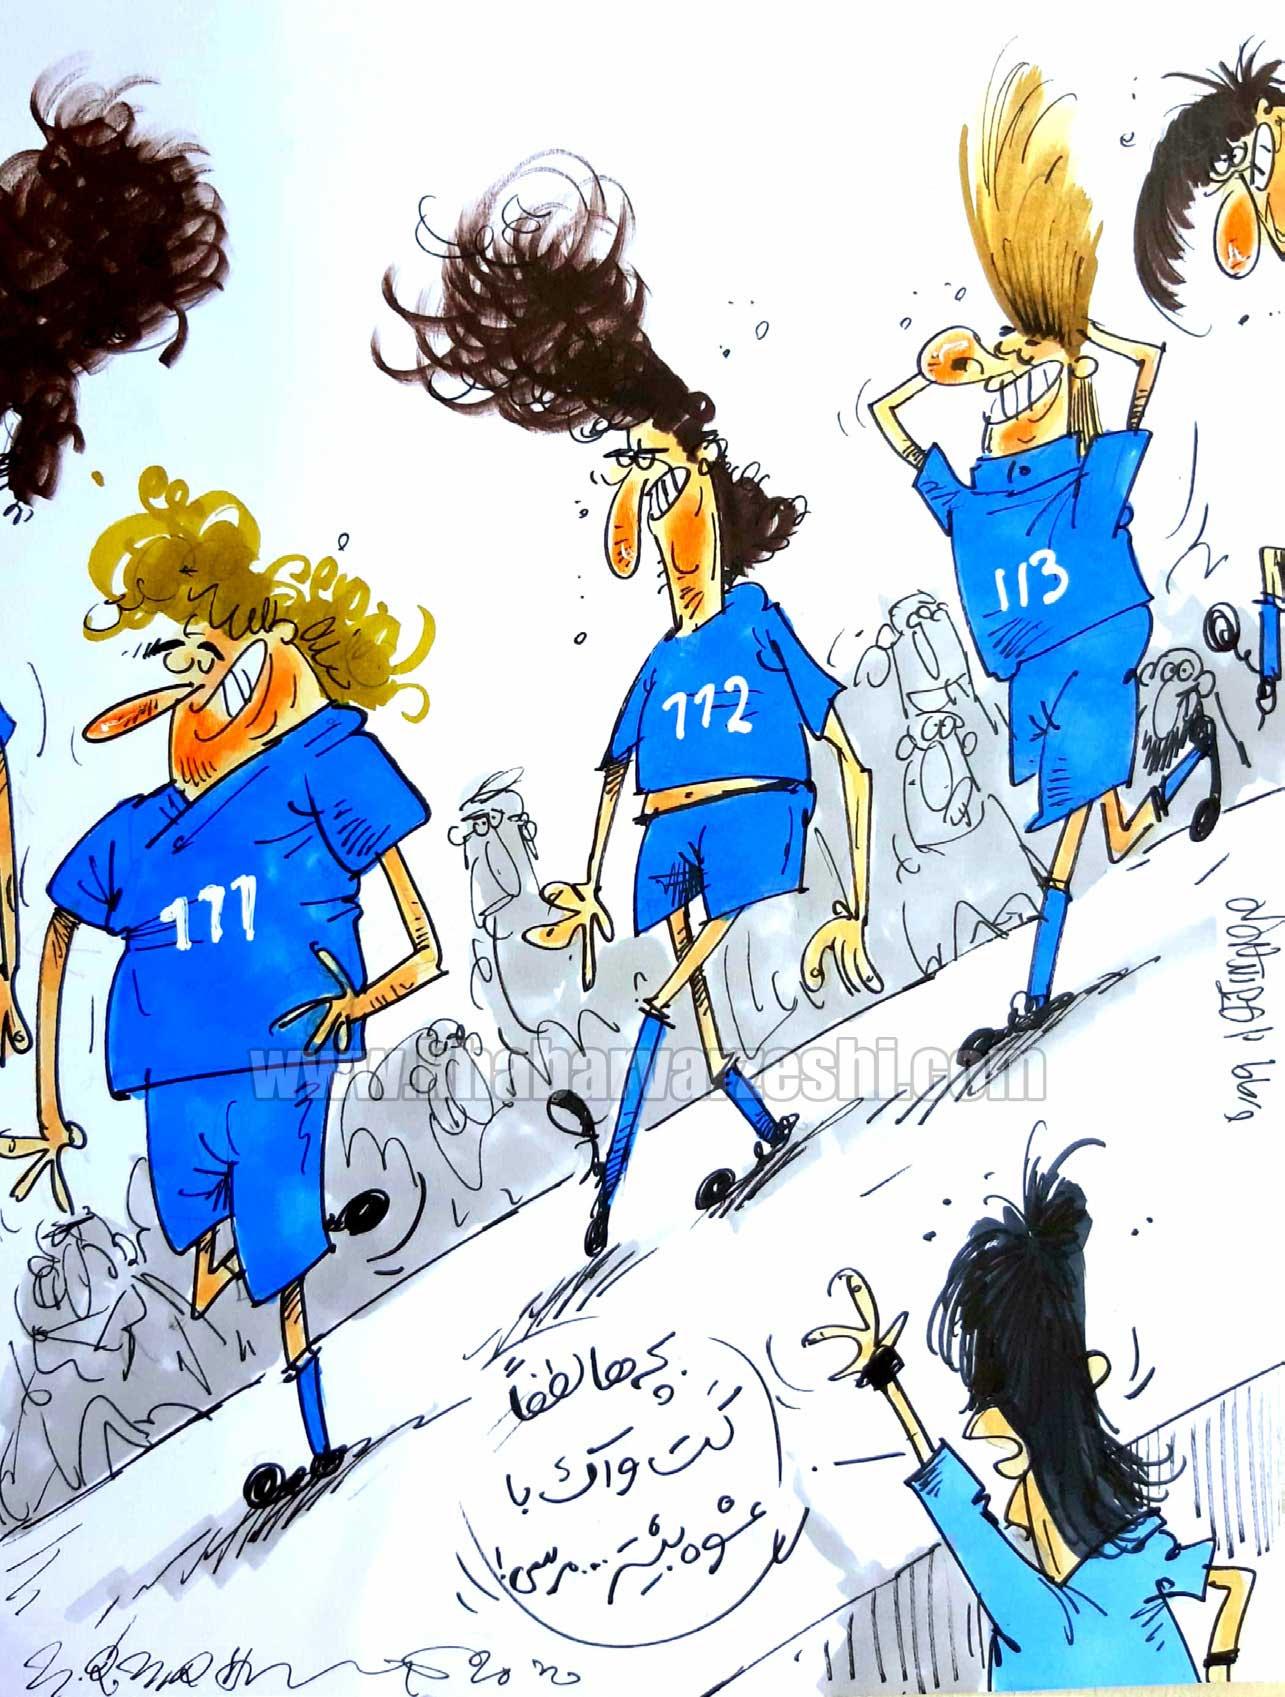 کارتون محمدرضا میرشاهولد درباره قرارداد پوشاک تیم استقلال